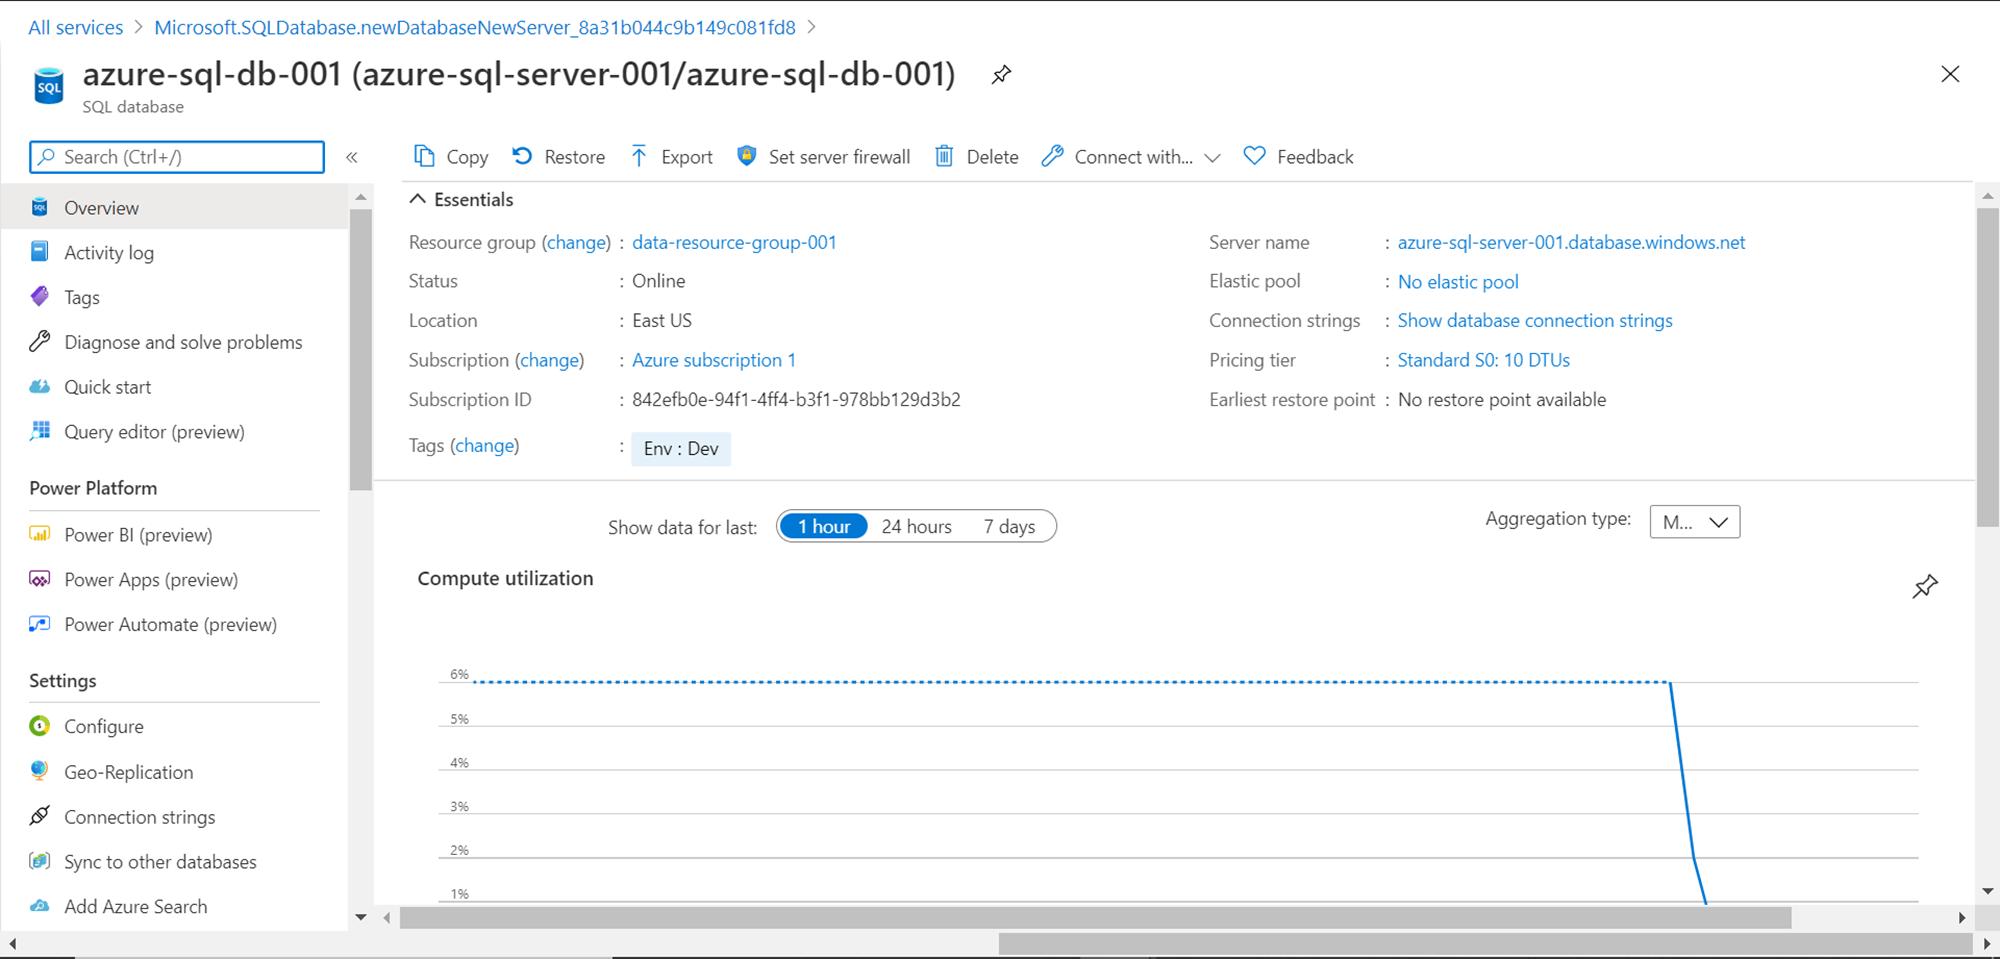 Azure SQL Server Database - Dashboard